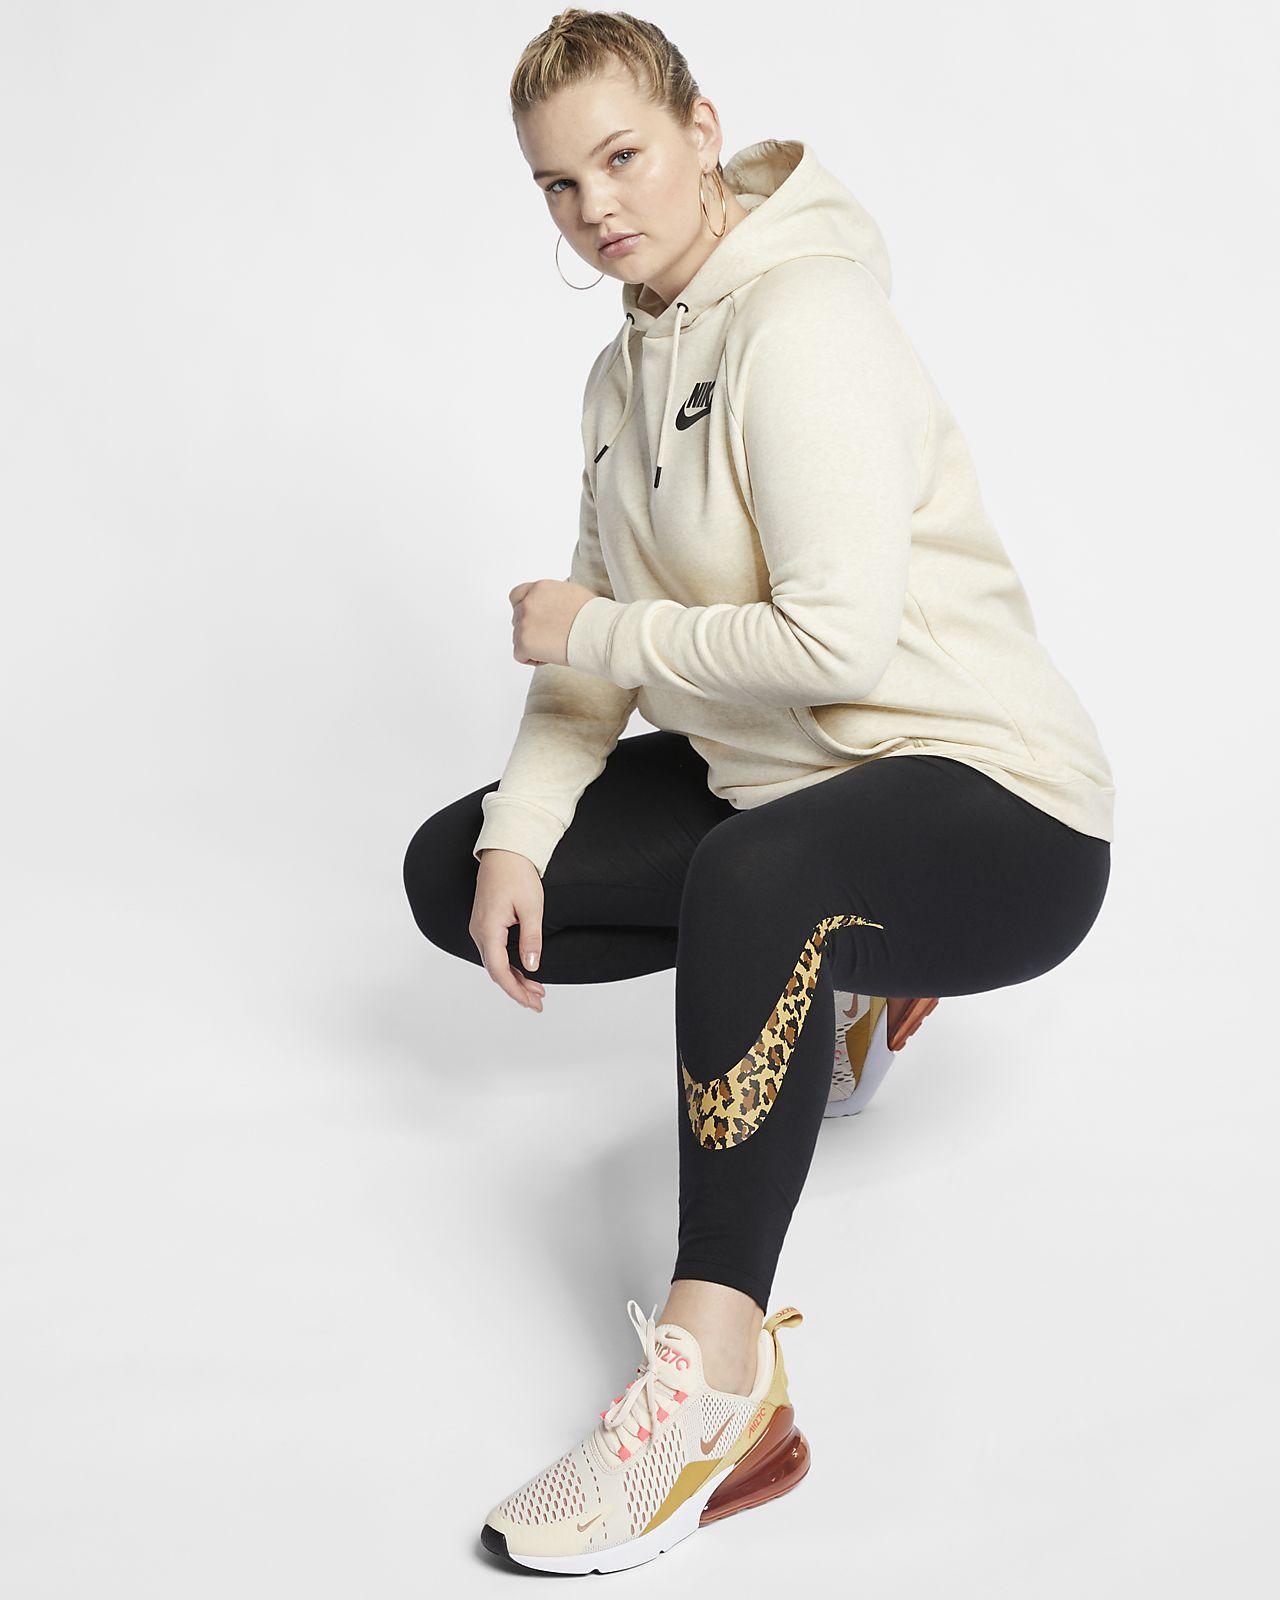 873bdc819e5 Nike Sportswear Women s Animal Leggings (Plus Size). Nike.com AU